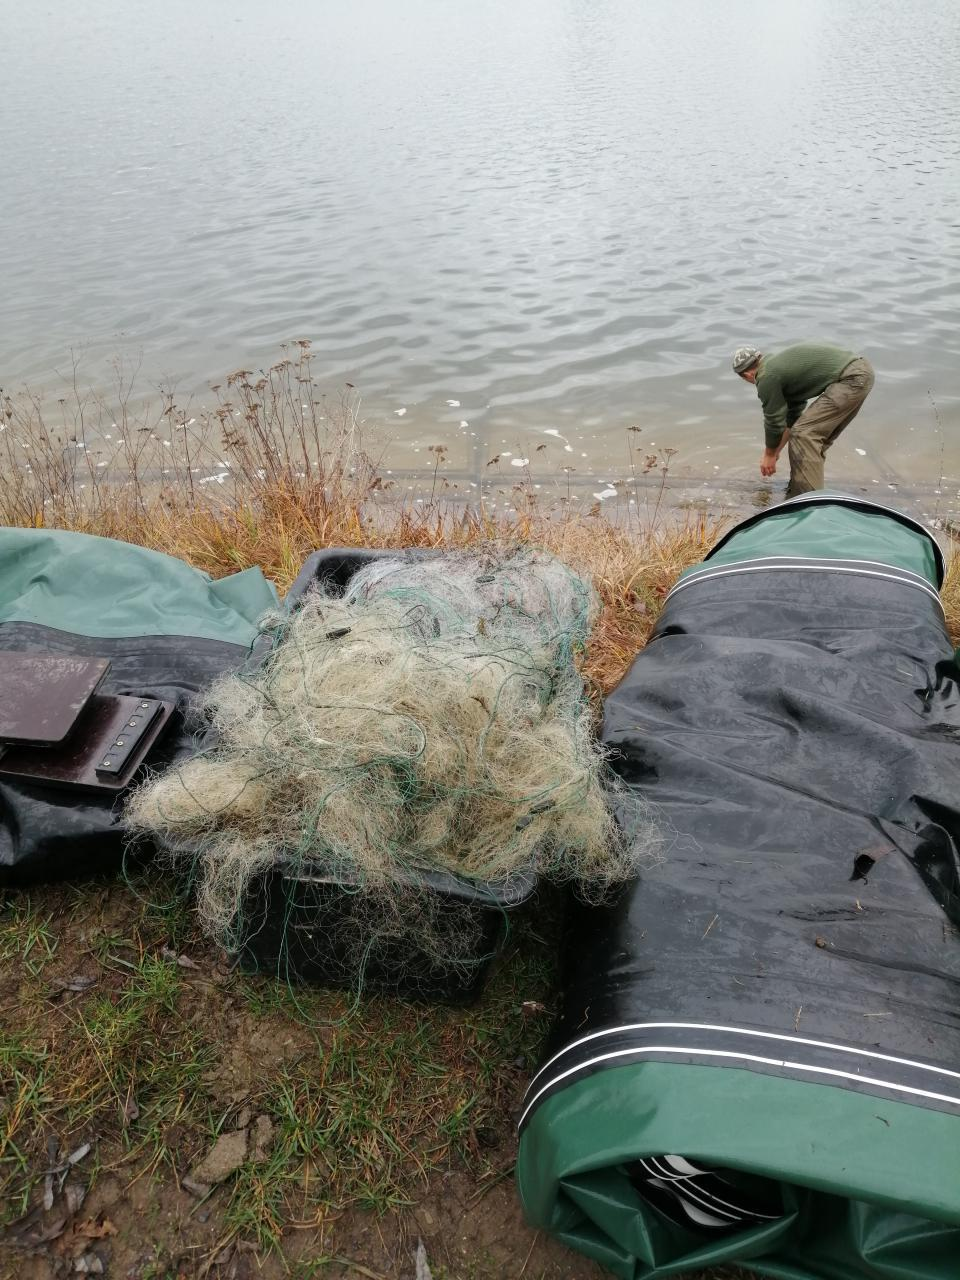 За тиждень на Волині зафіксували 23 порушення природоохоронного законодавства